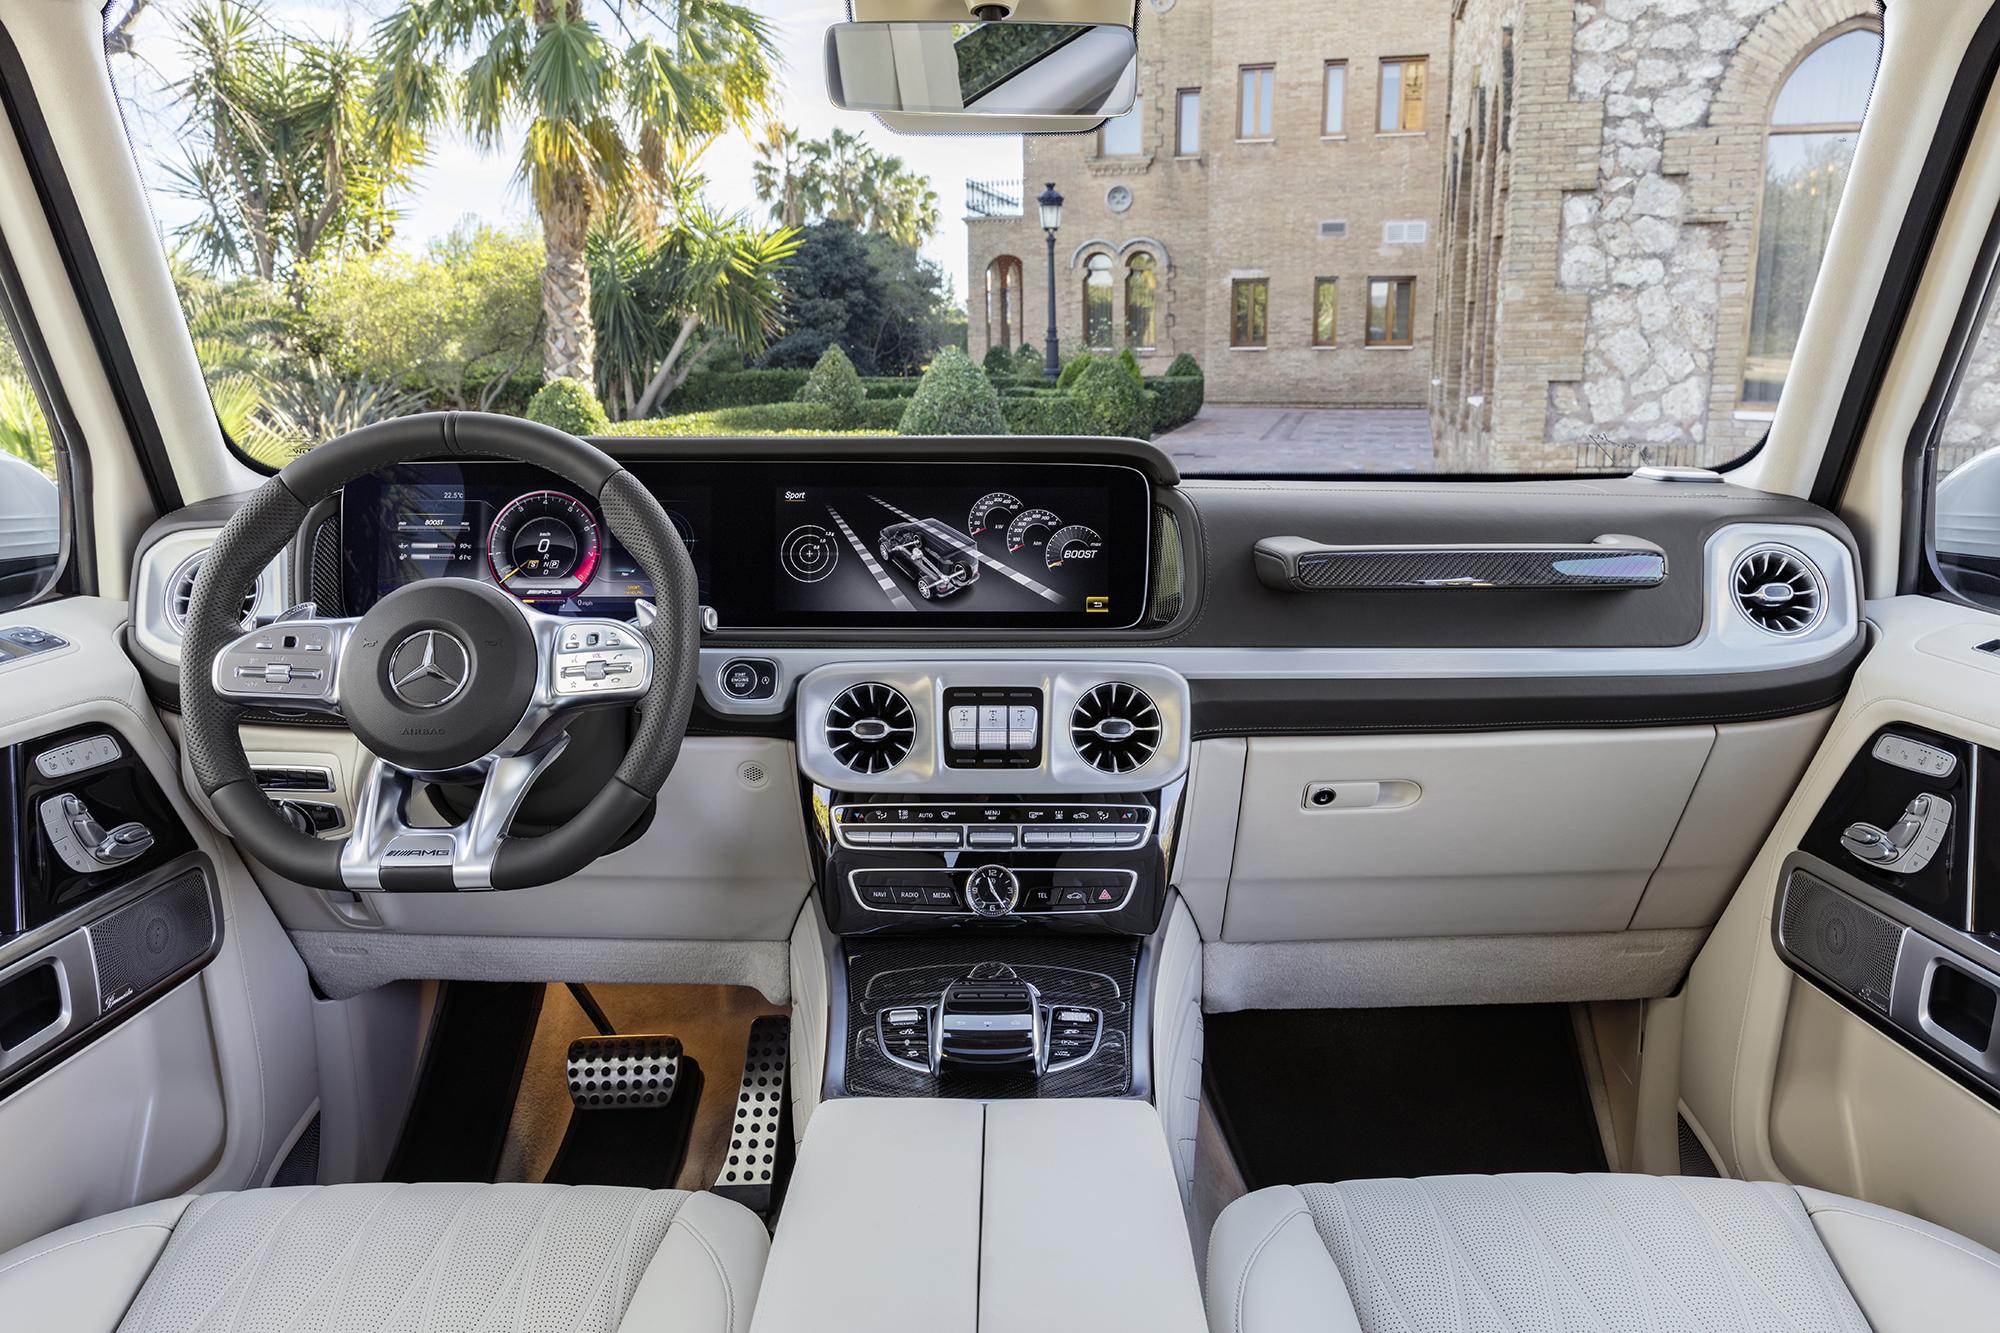 Mercedes-Benz vai apresentar, no Salão do Automóvel, a nova geração do jipe AMG G 63. Por mais de um milhão, motorista encontra tecnologia e robustez.